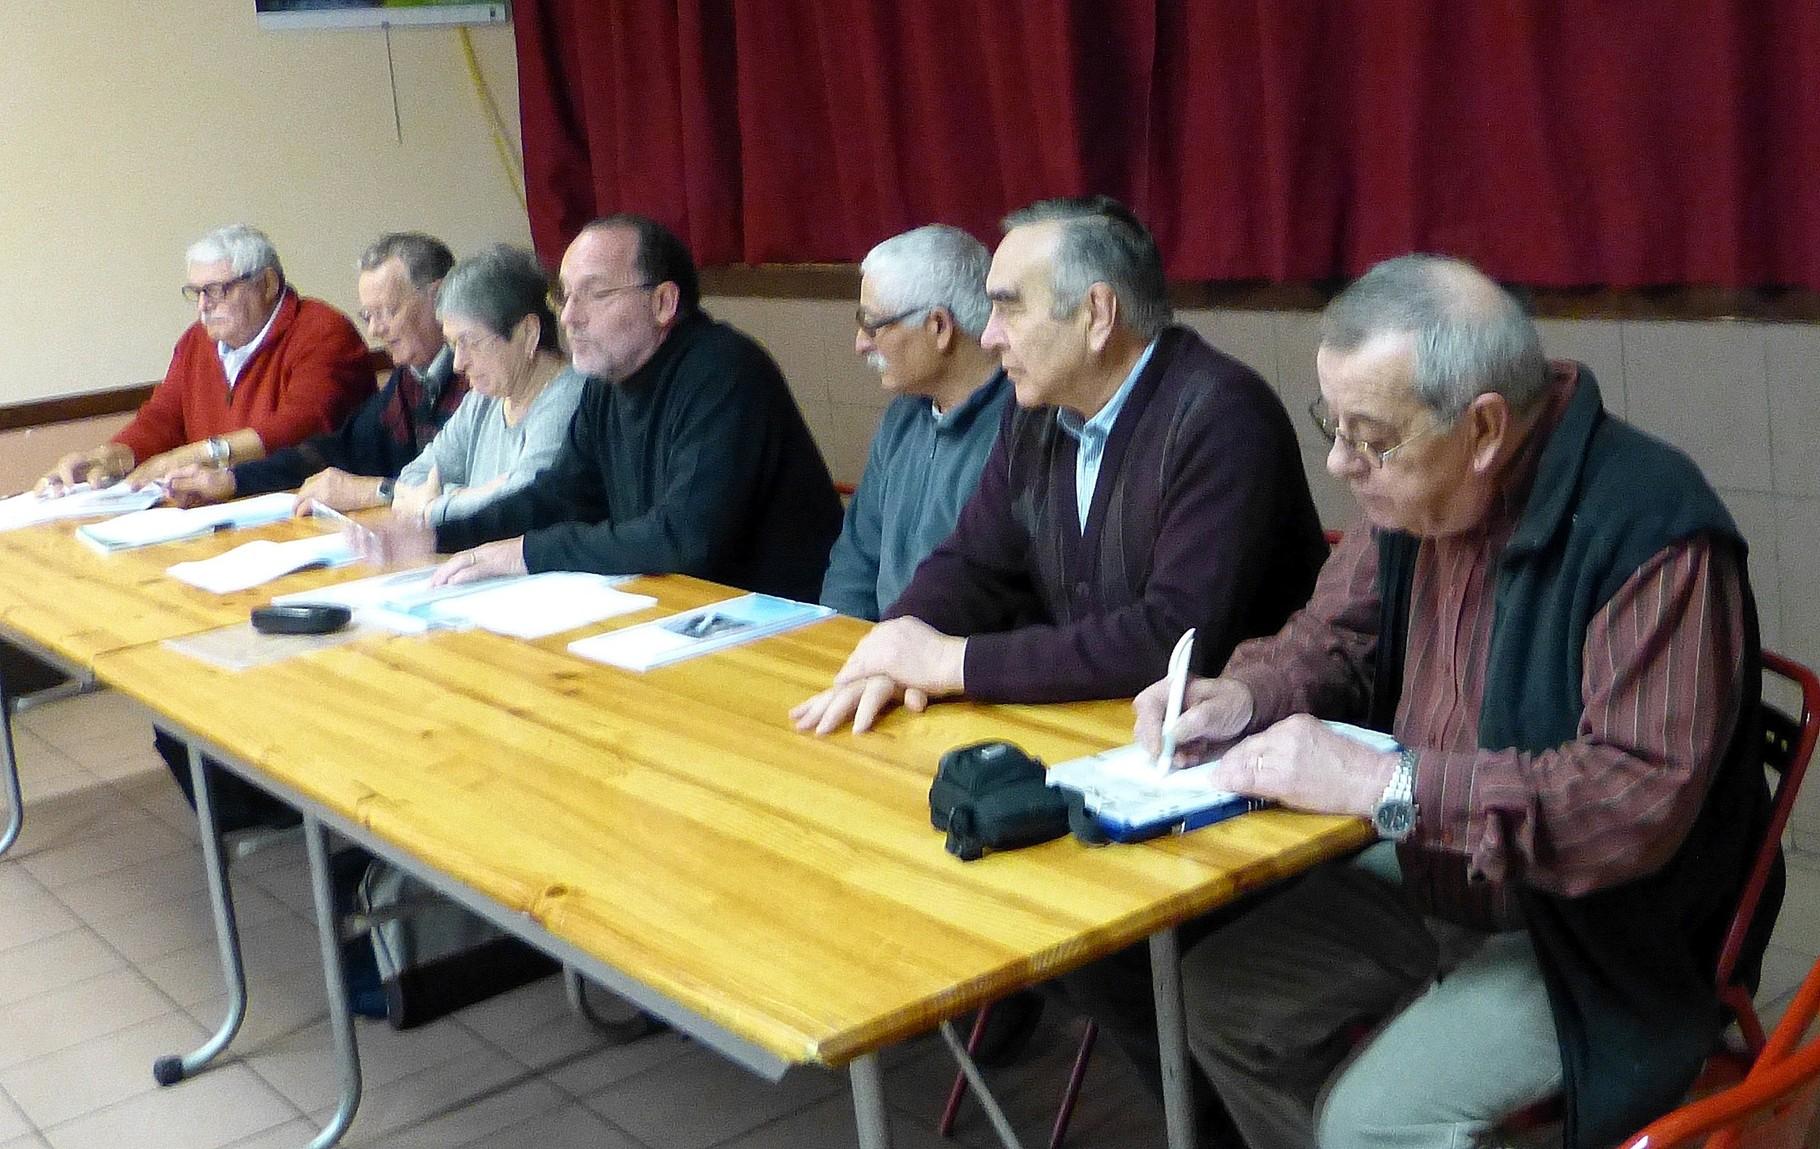 De gauche à droite: Mr Antherieu,Piecq,Mme Banquet,Mr Masson (bureau de l'AAPPMA) , Mr Dos Santos (Président de la société de pêche ) Mr Chesnay maire de la commune, Mr Ilary (secrétaire de la société de pêche)